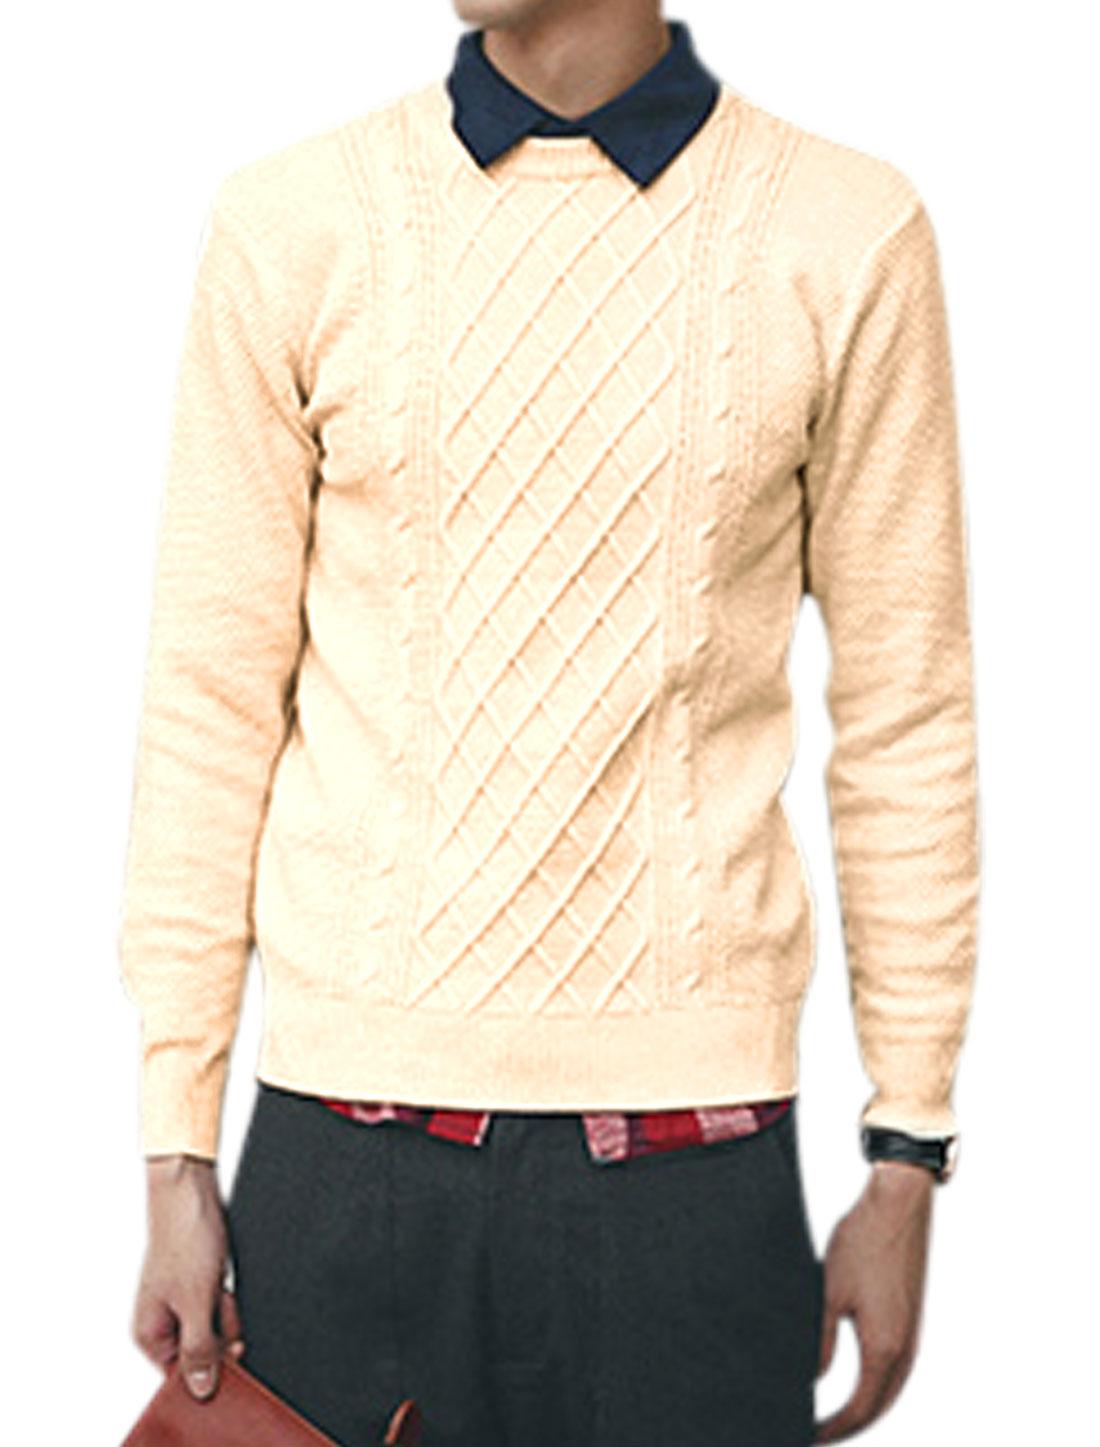 Crew Neck Argyle Design Ribbed Trim Casual Sweater for Men Beige S